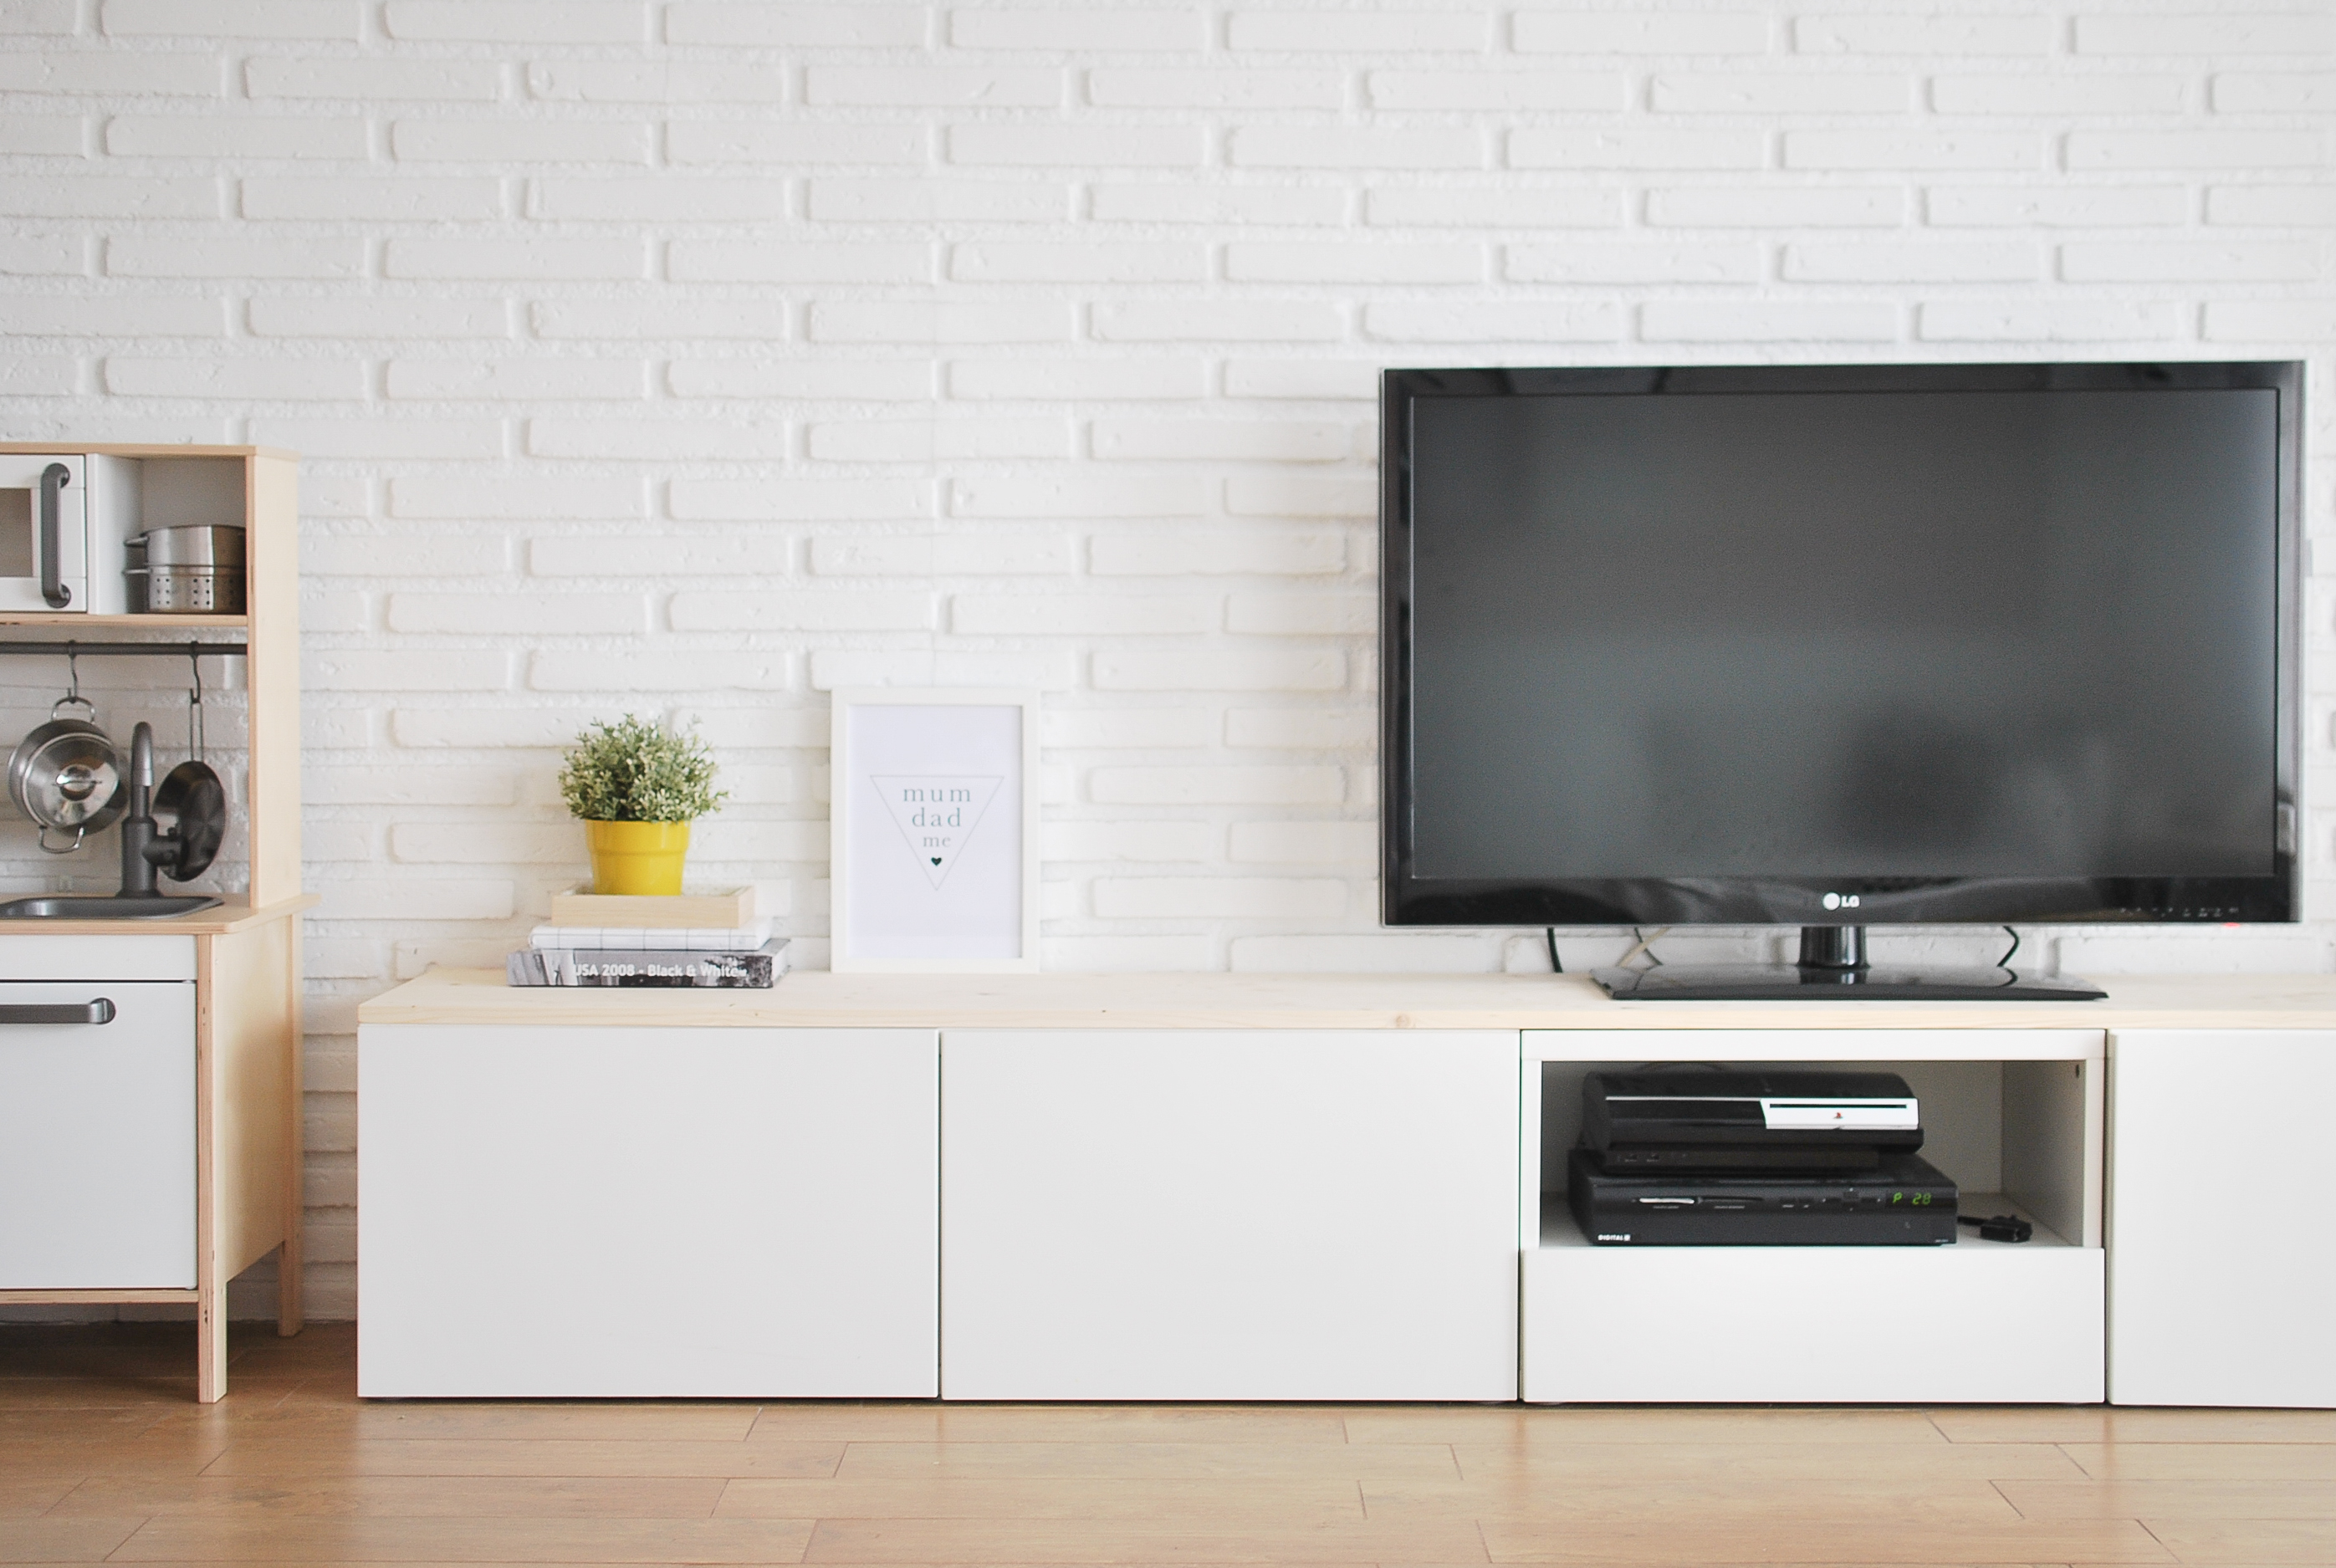 Muebles De Ikea Como Nuevos # Hackeando Muebles De Ikea